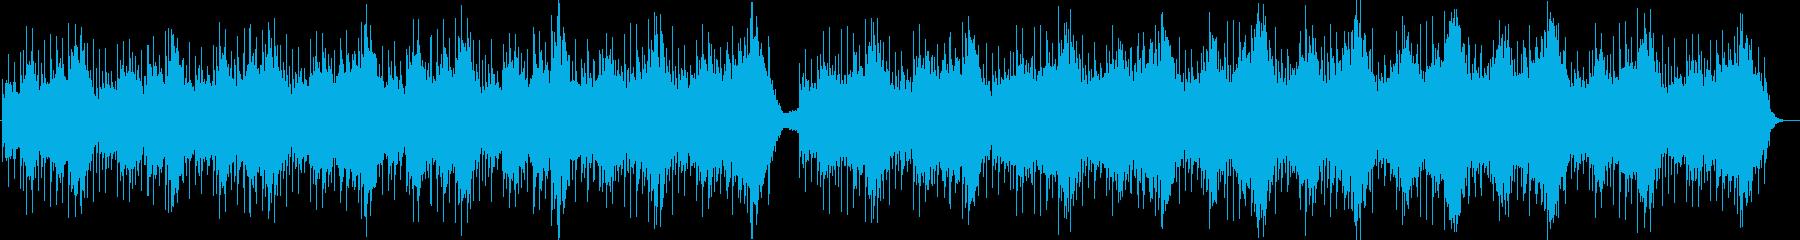 ポップ テクノ エレクトロ 交響曲...の再生済みの波形